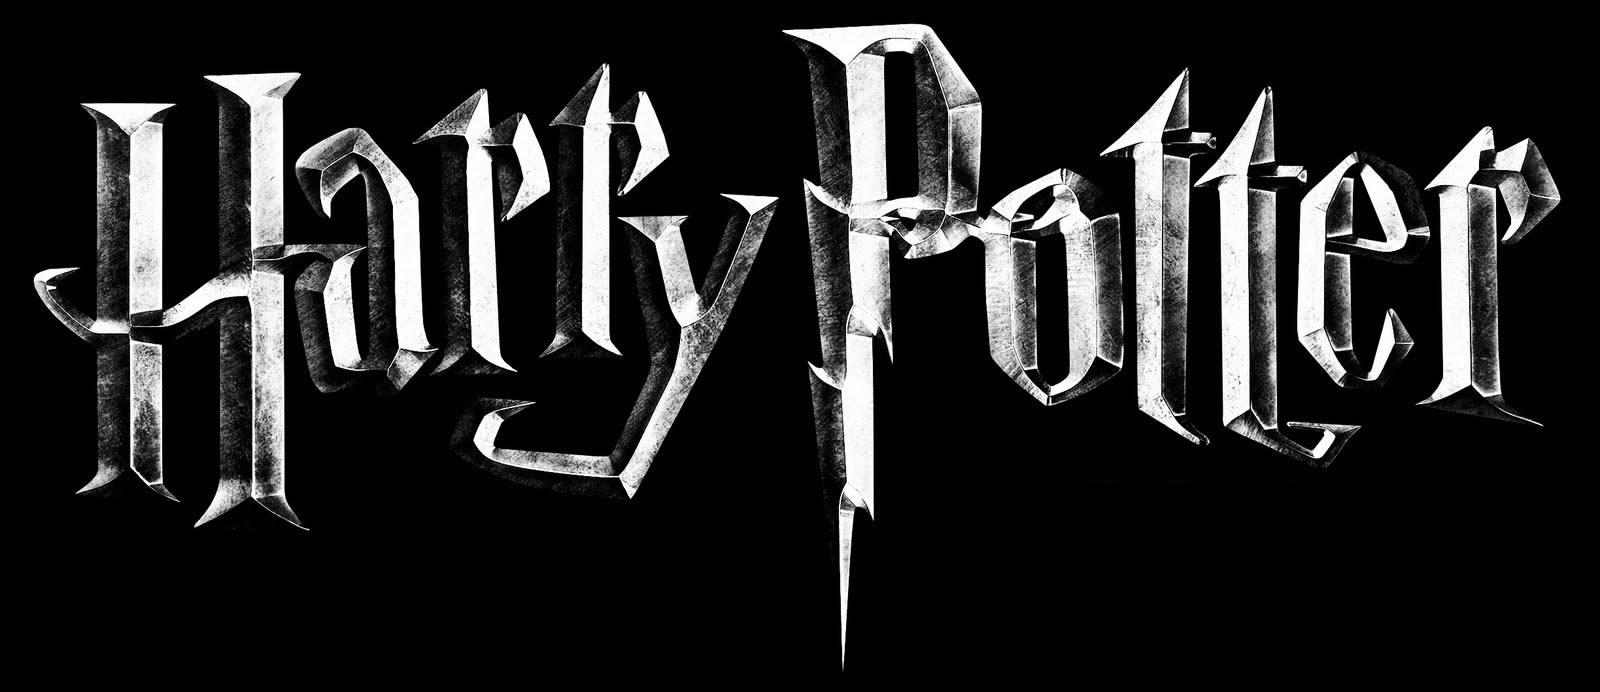 10 coisas sobre os novos filmes de 'Harry Potter' | Ordem da Fênix Brasileira